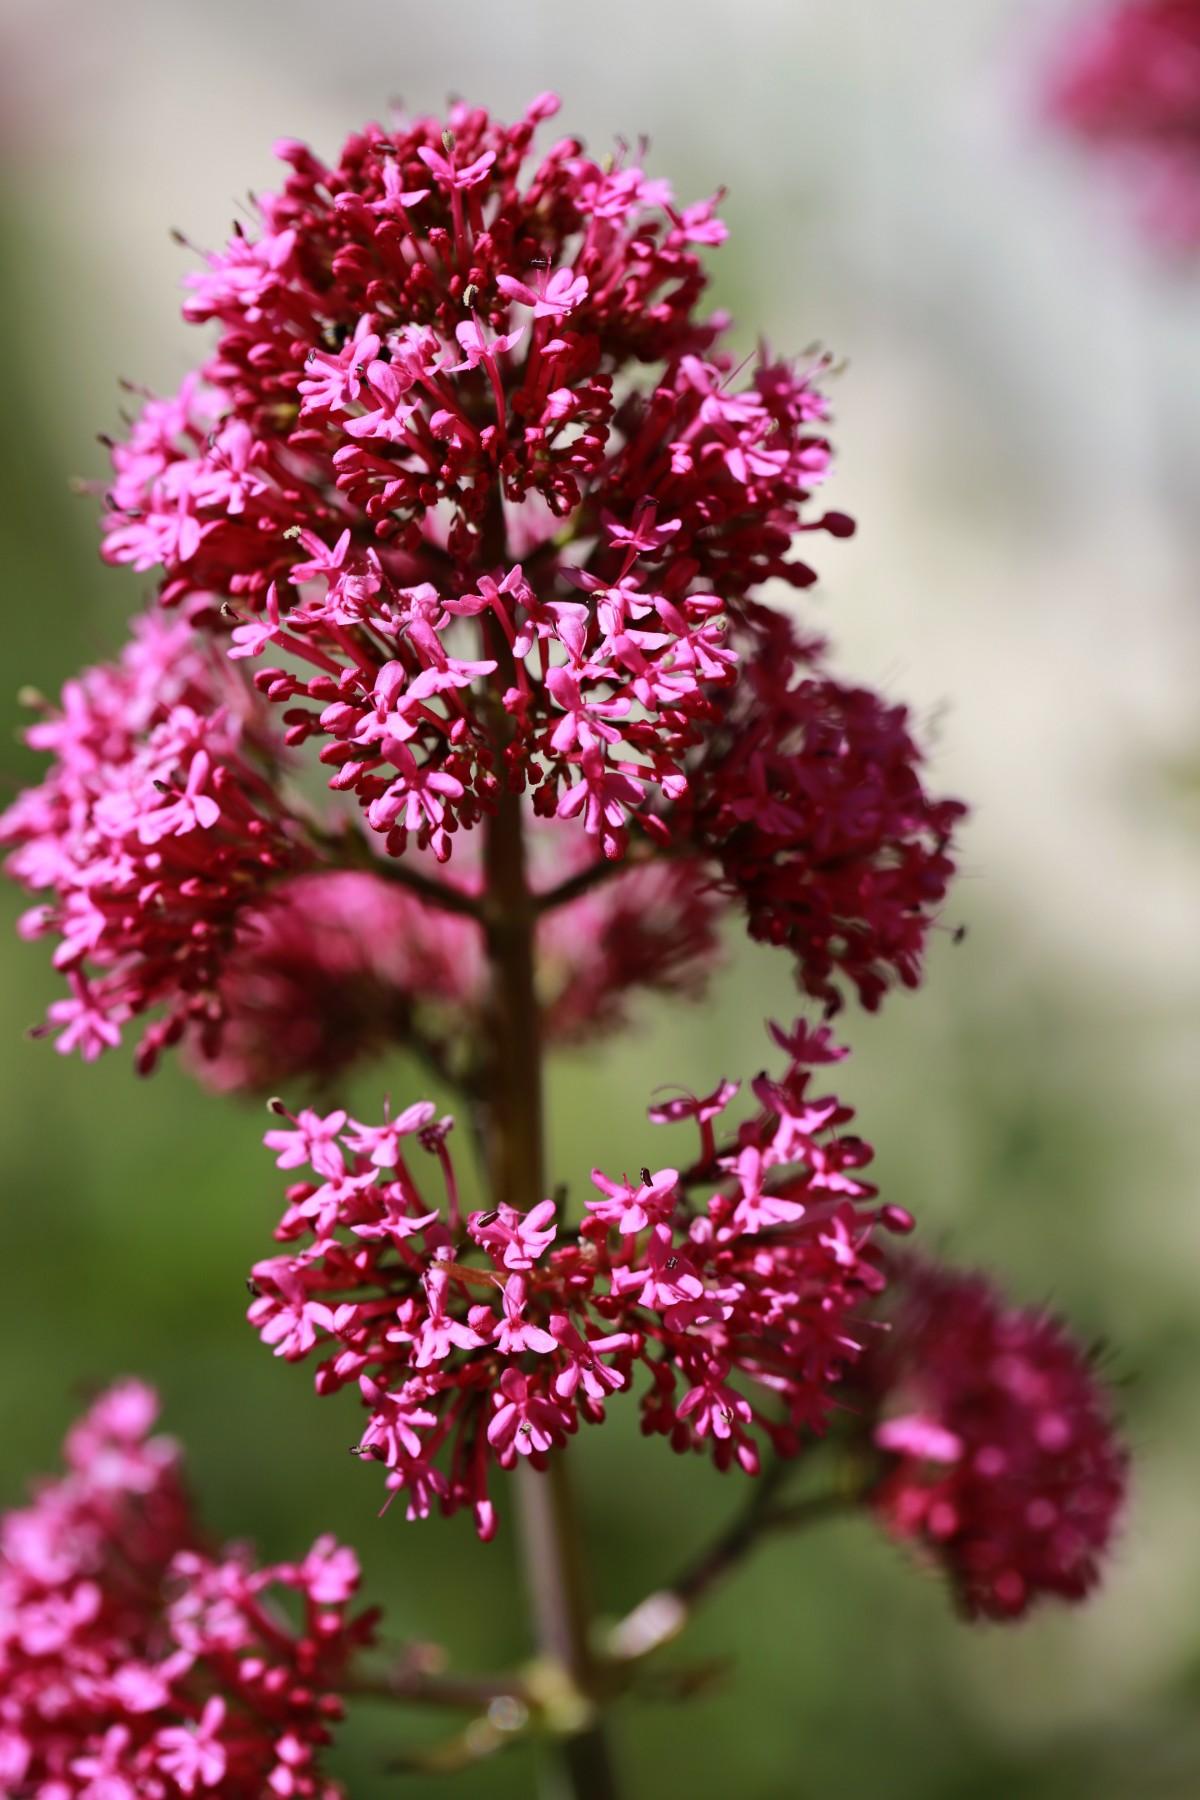 Images Gratuites : fleur, Prairie, France, L'Europe , botanique, flore, Fleur sauvage, Midi ...